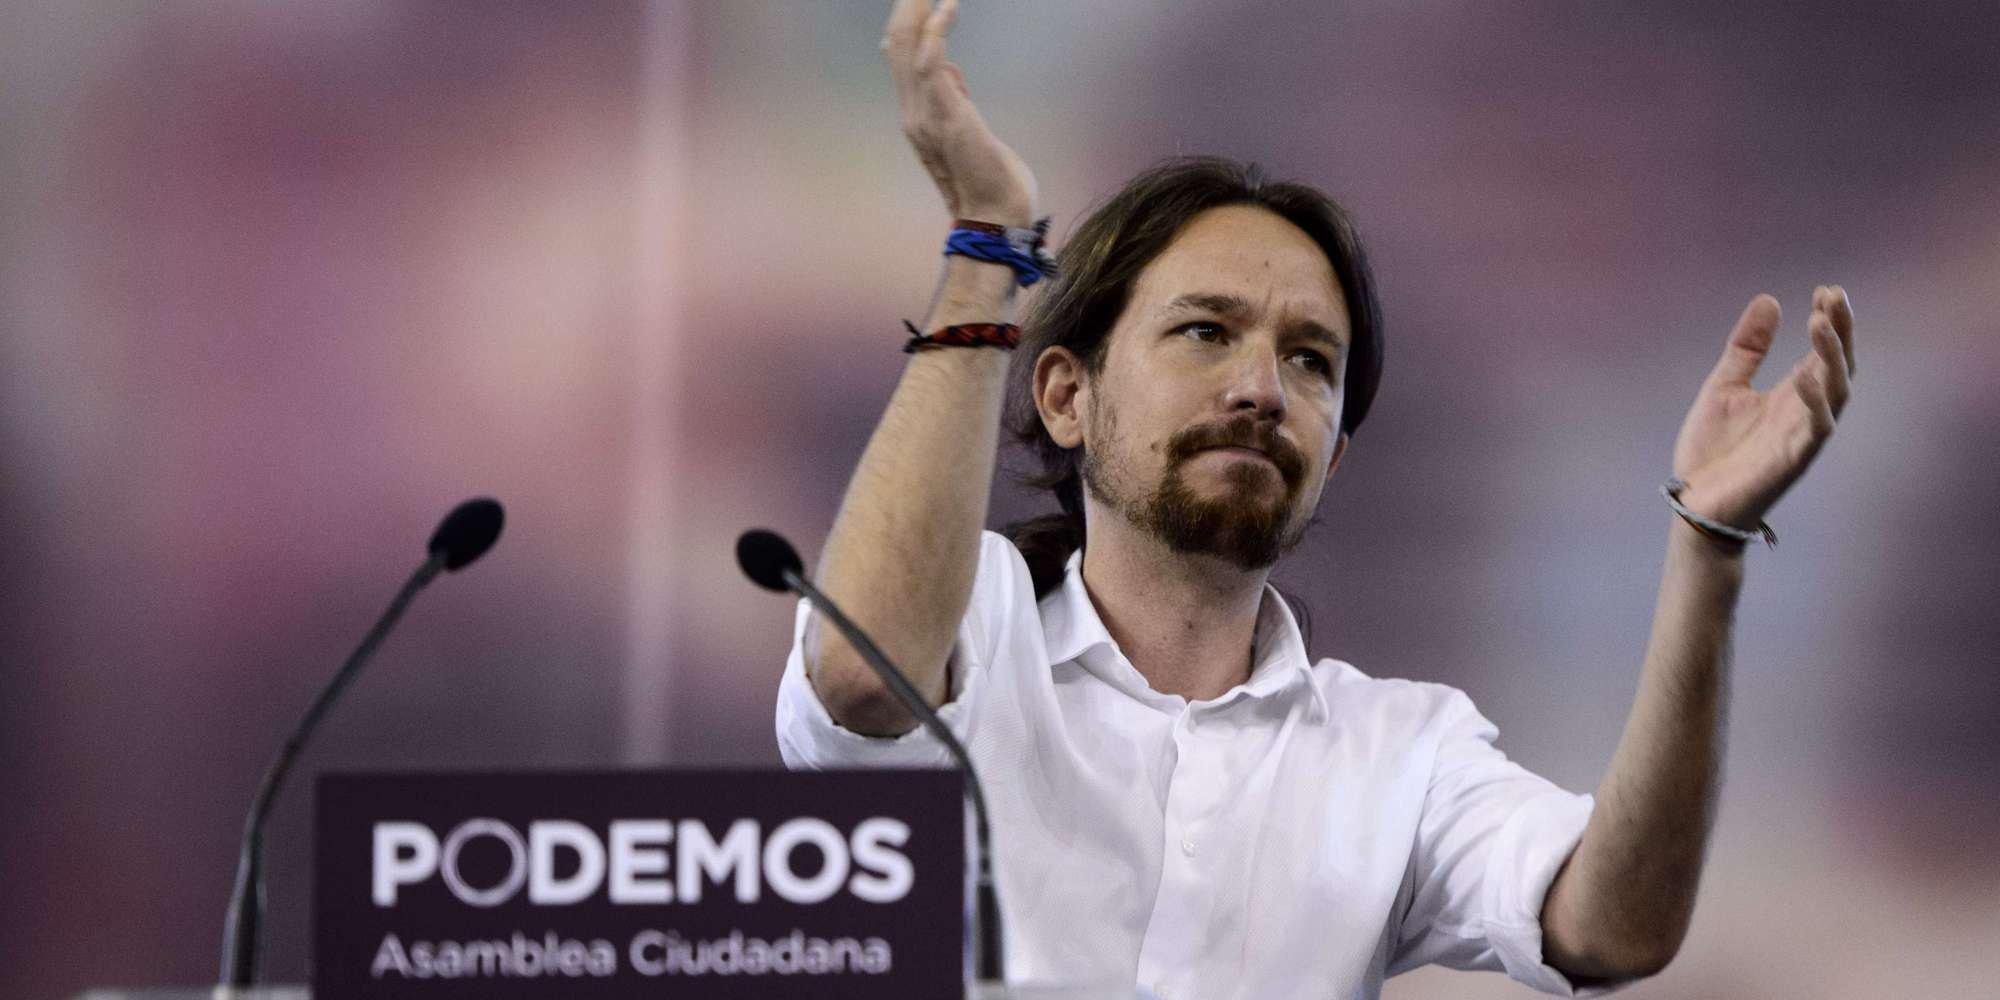 SPAIN-PARTIES-POLITICS-PODEMOS